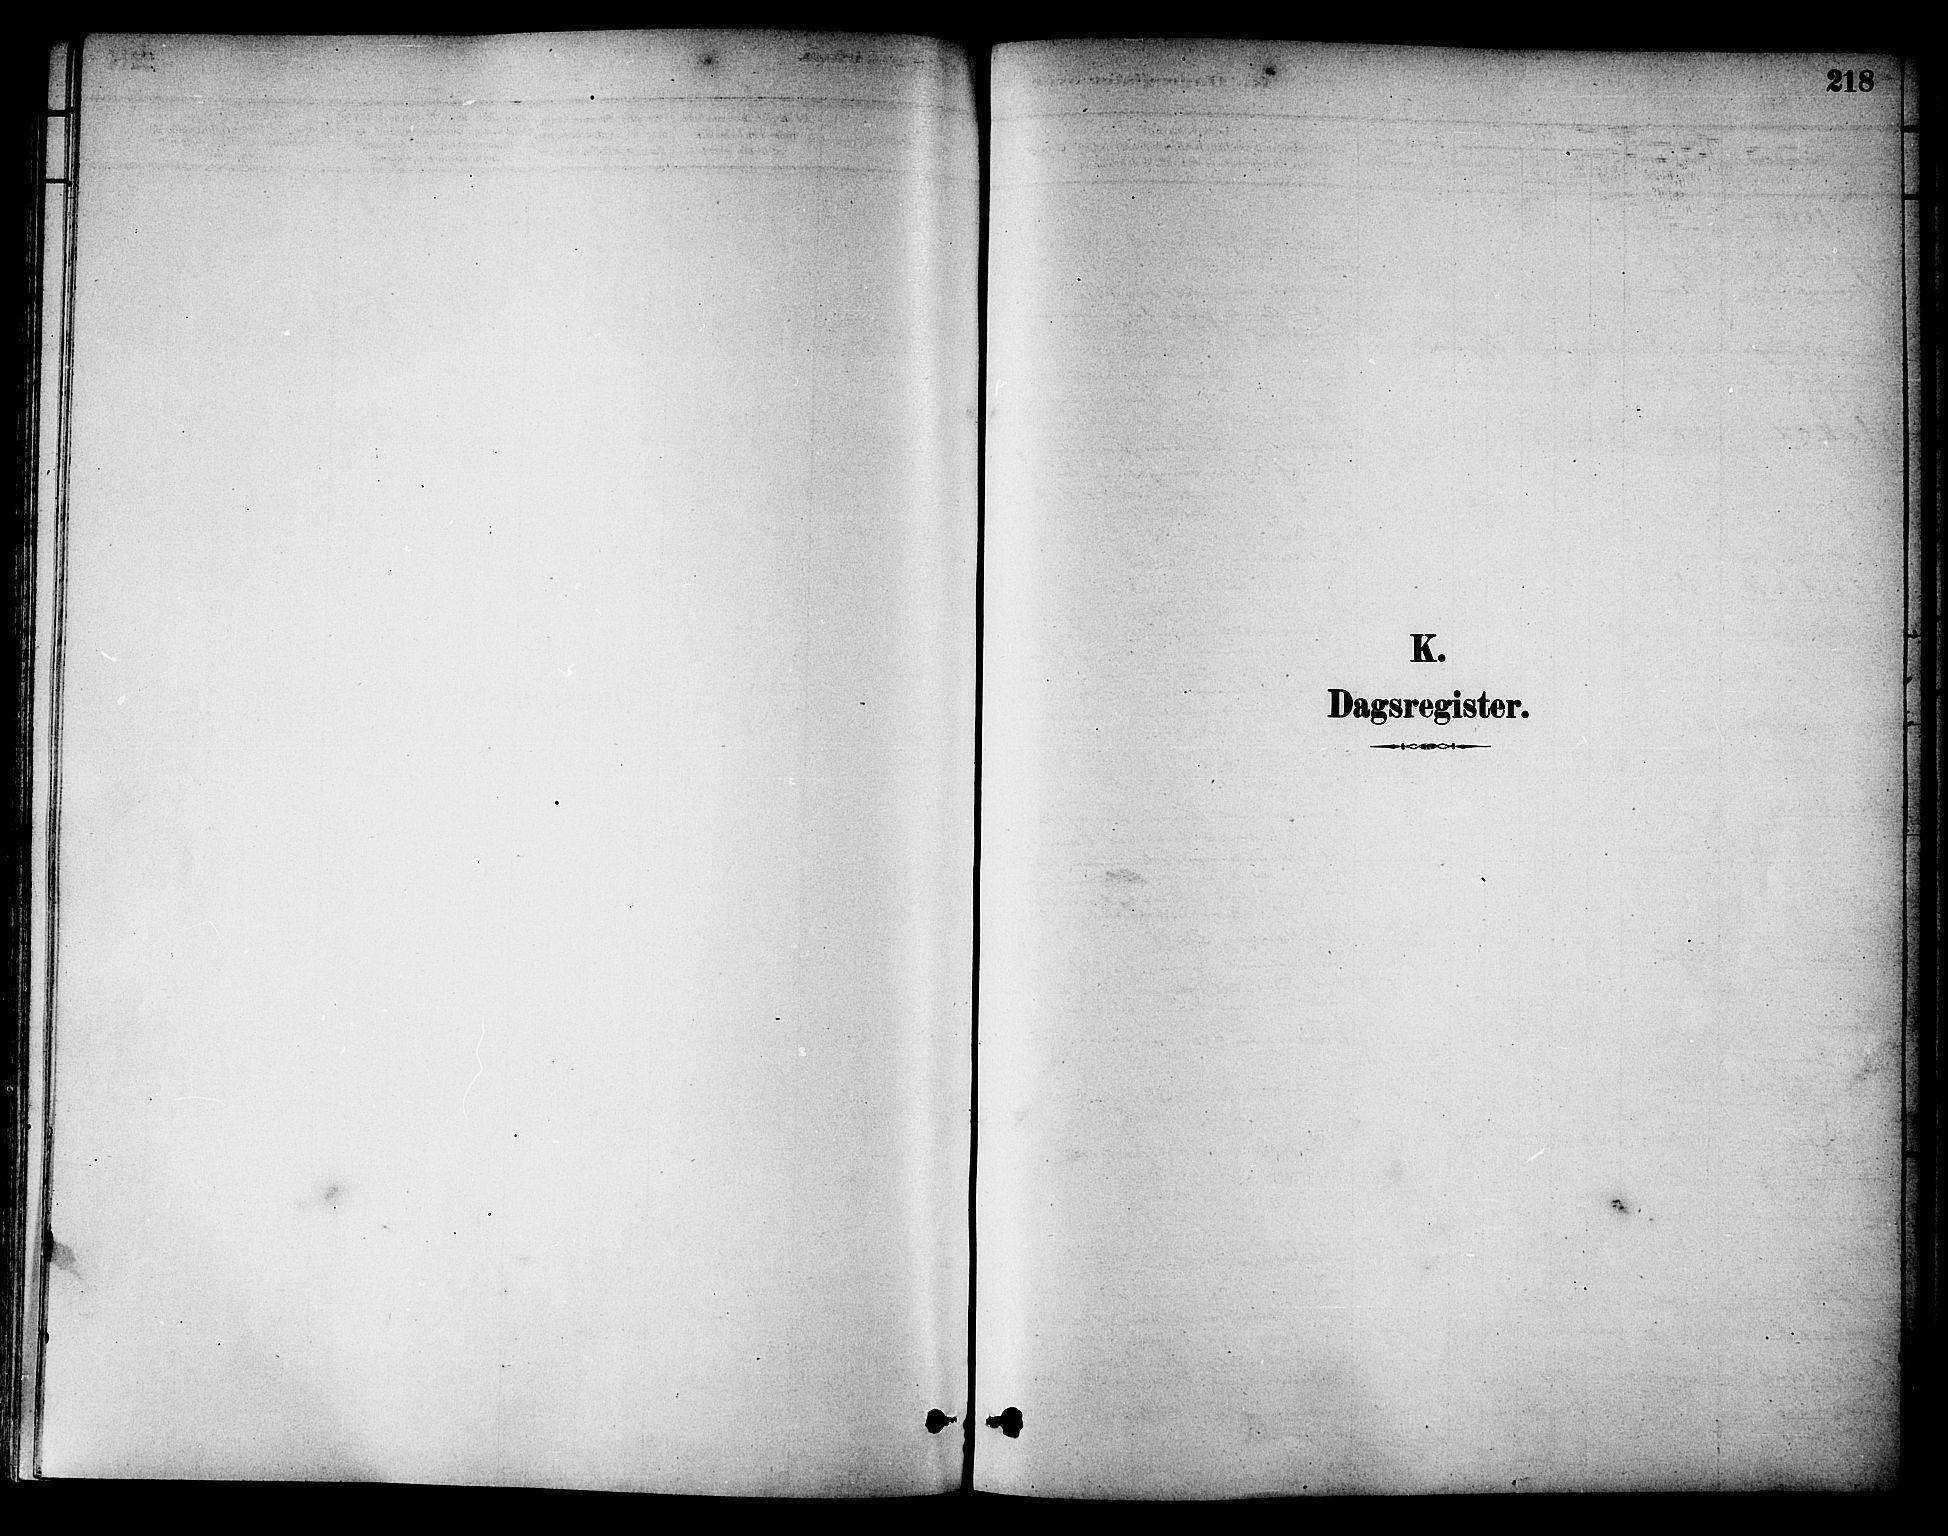 SAT, Ministerialprotokoller, klokkerbøker og fødselsregistre - Nord-Trøndelag, 784/L0672: Ministerialbok nr. 784A07, 1880-1887, s. 218